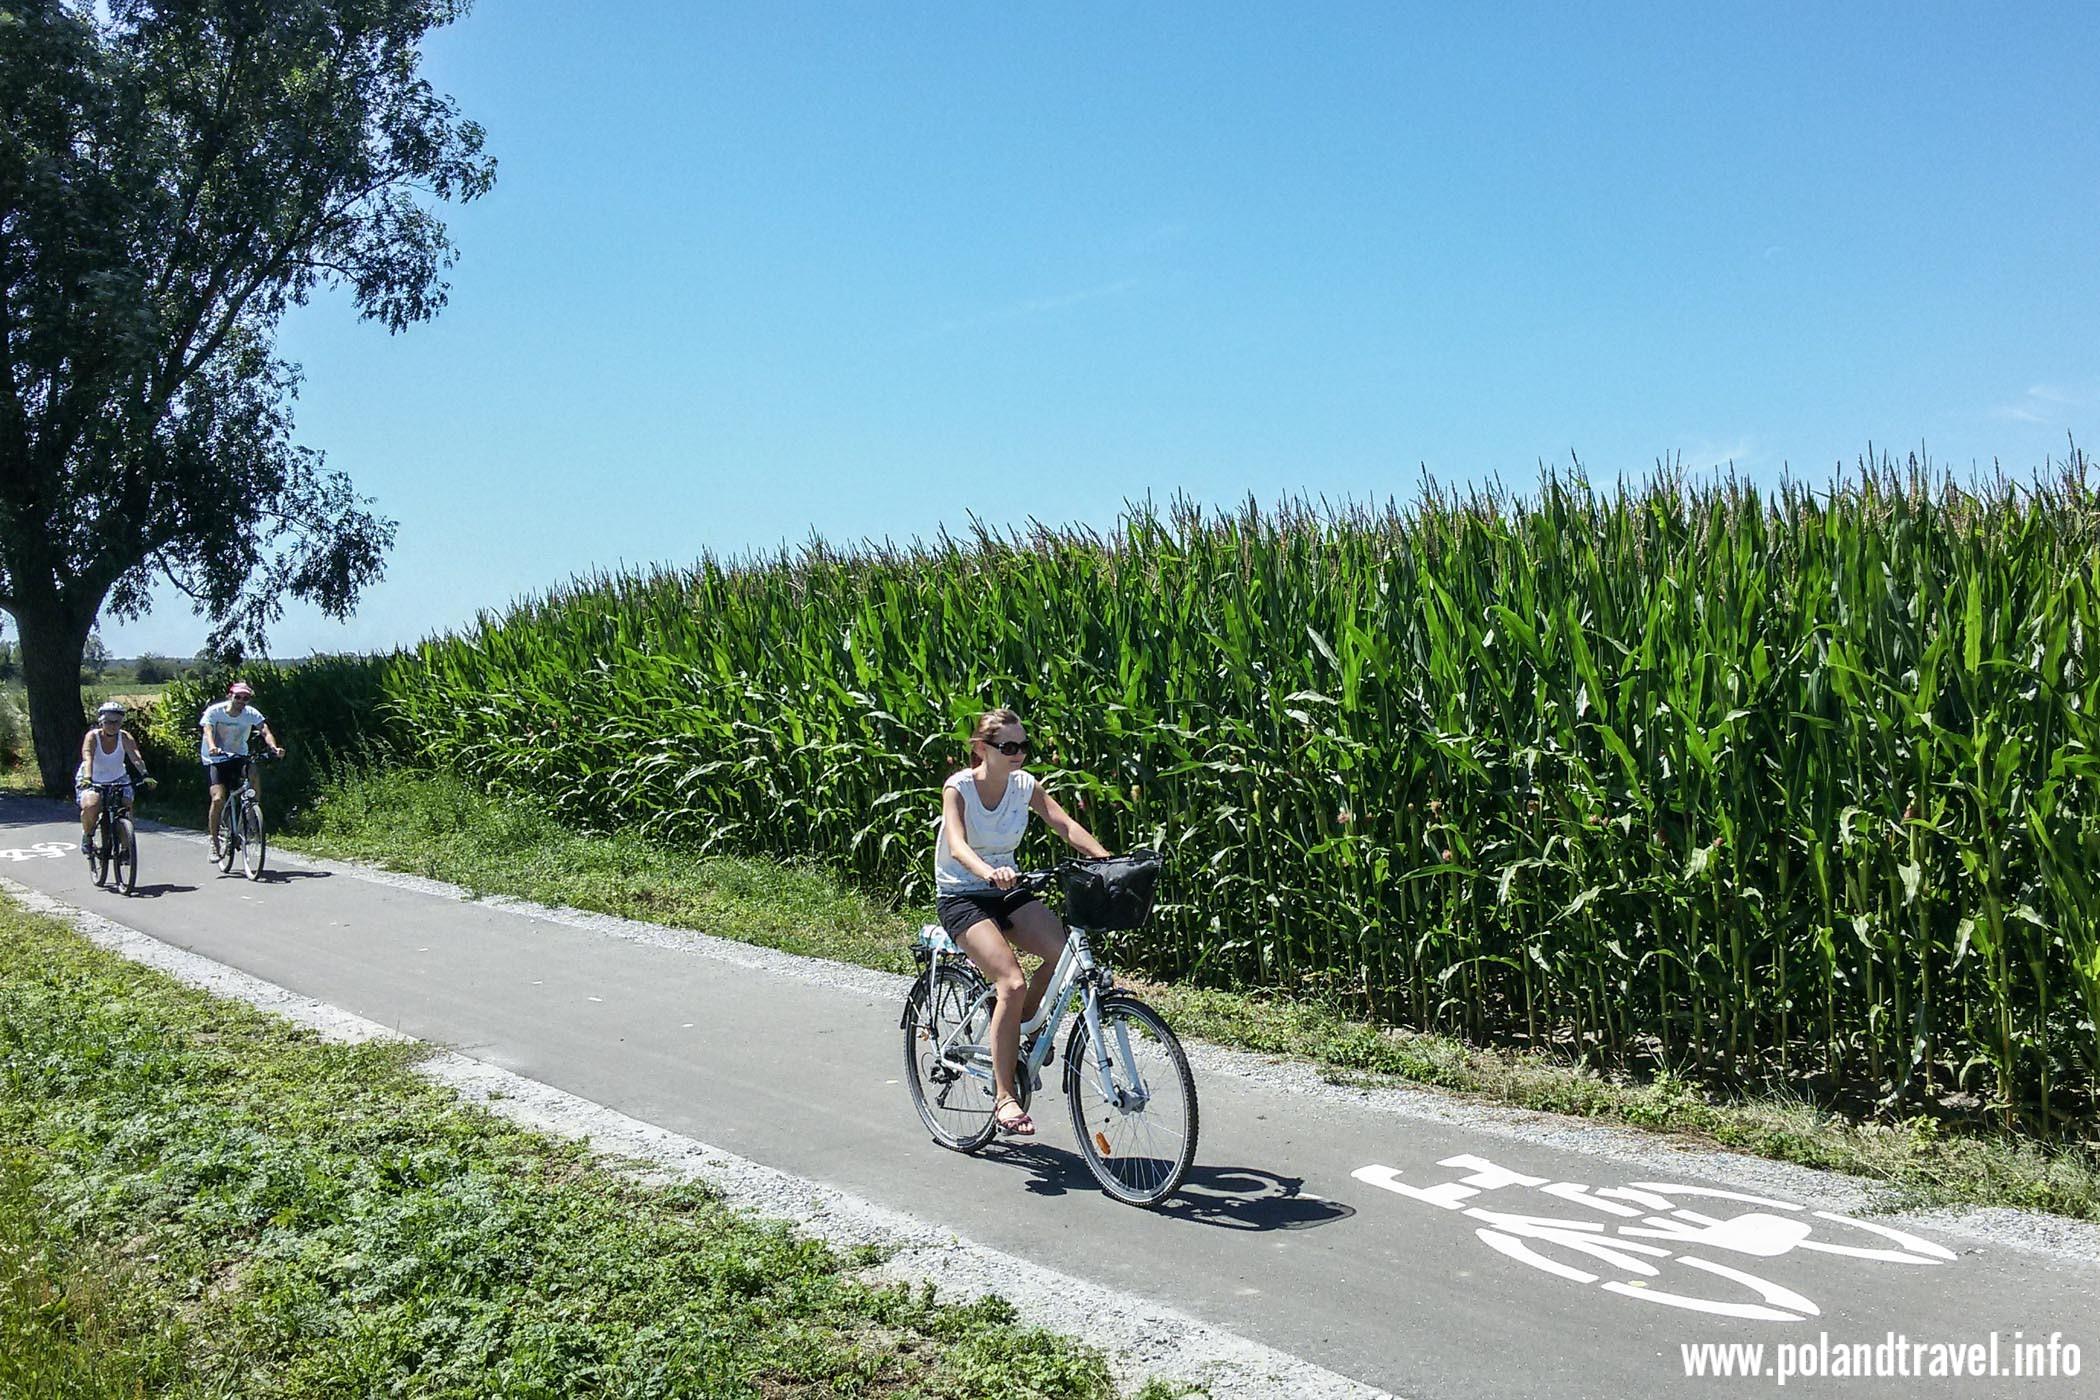 dziewczyna na rowerze jadąca wzdłuż łanu kukurydzy, za nią jeszcze dwójka rowerzystów